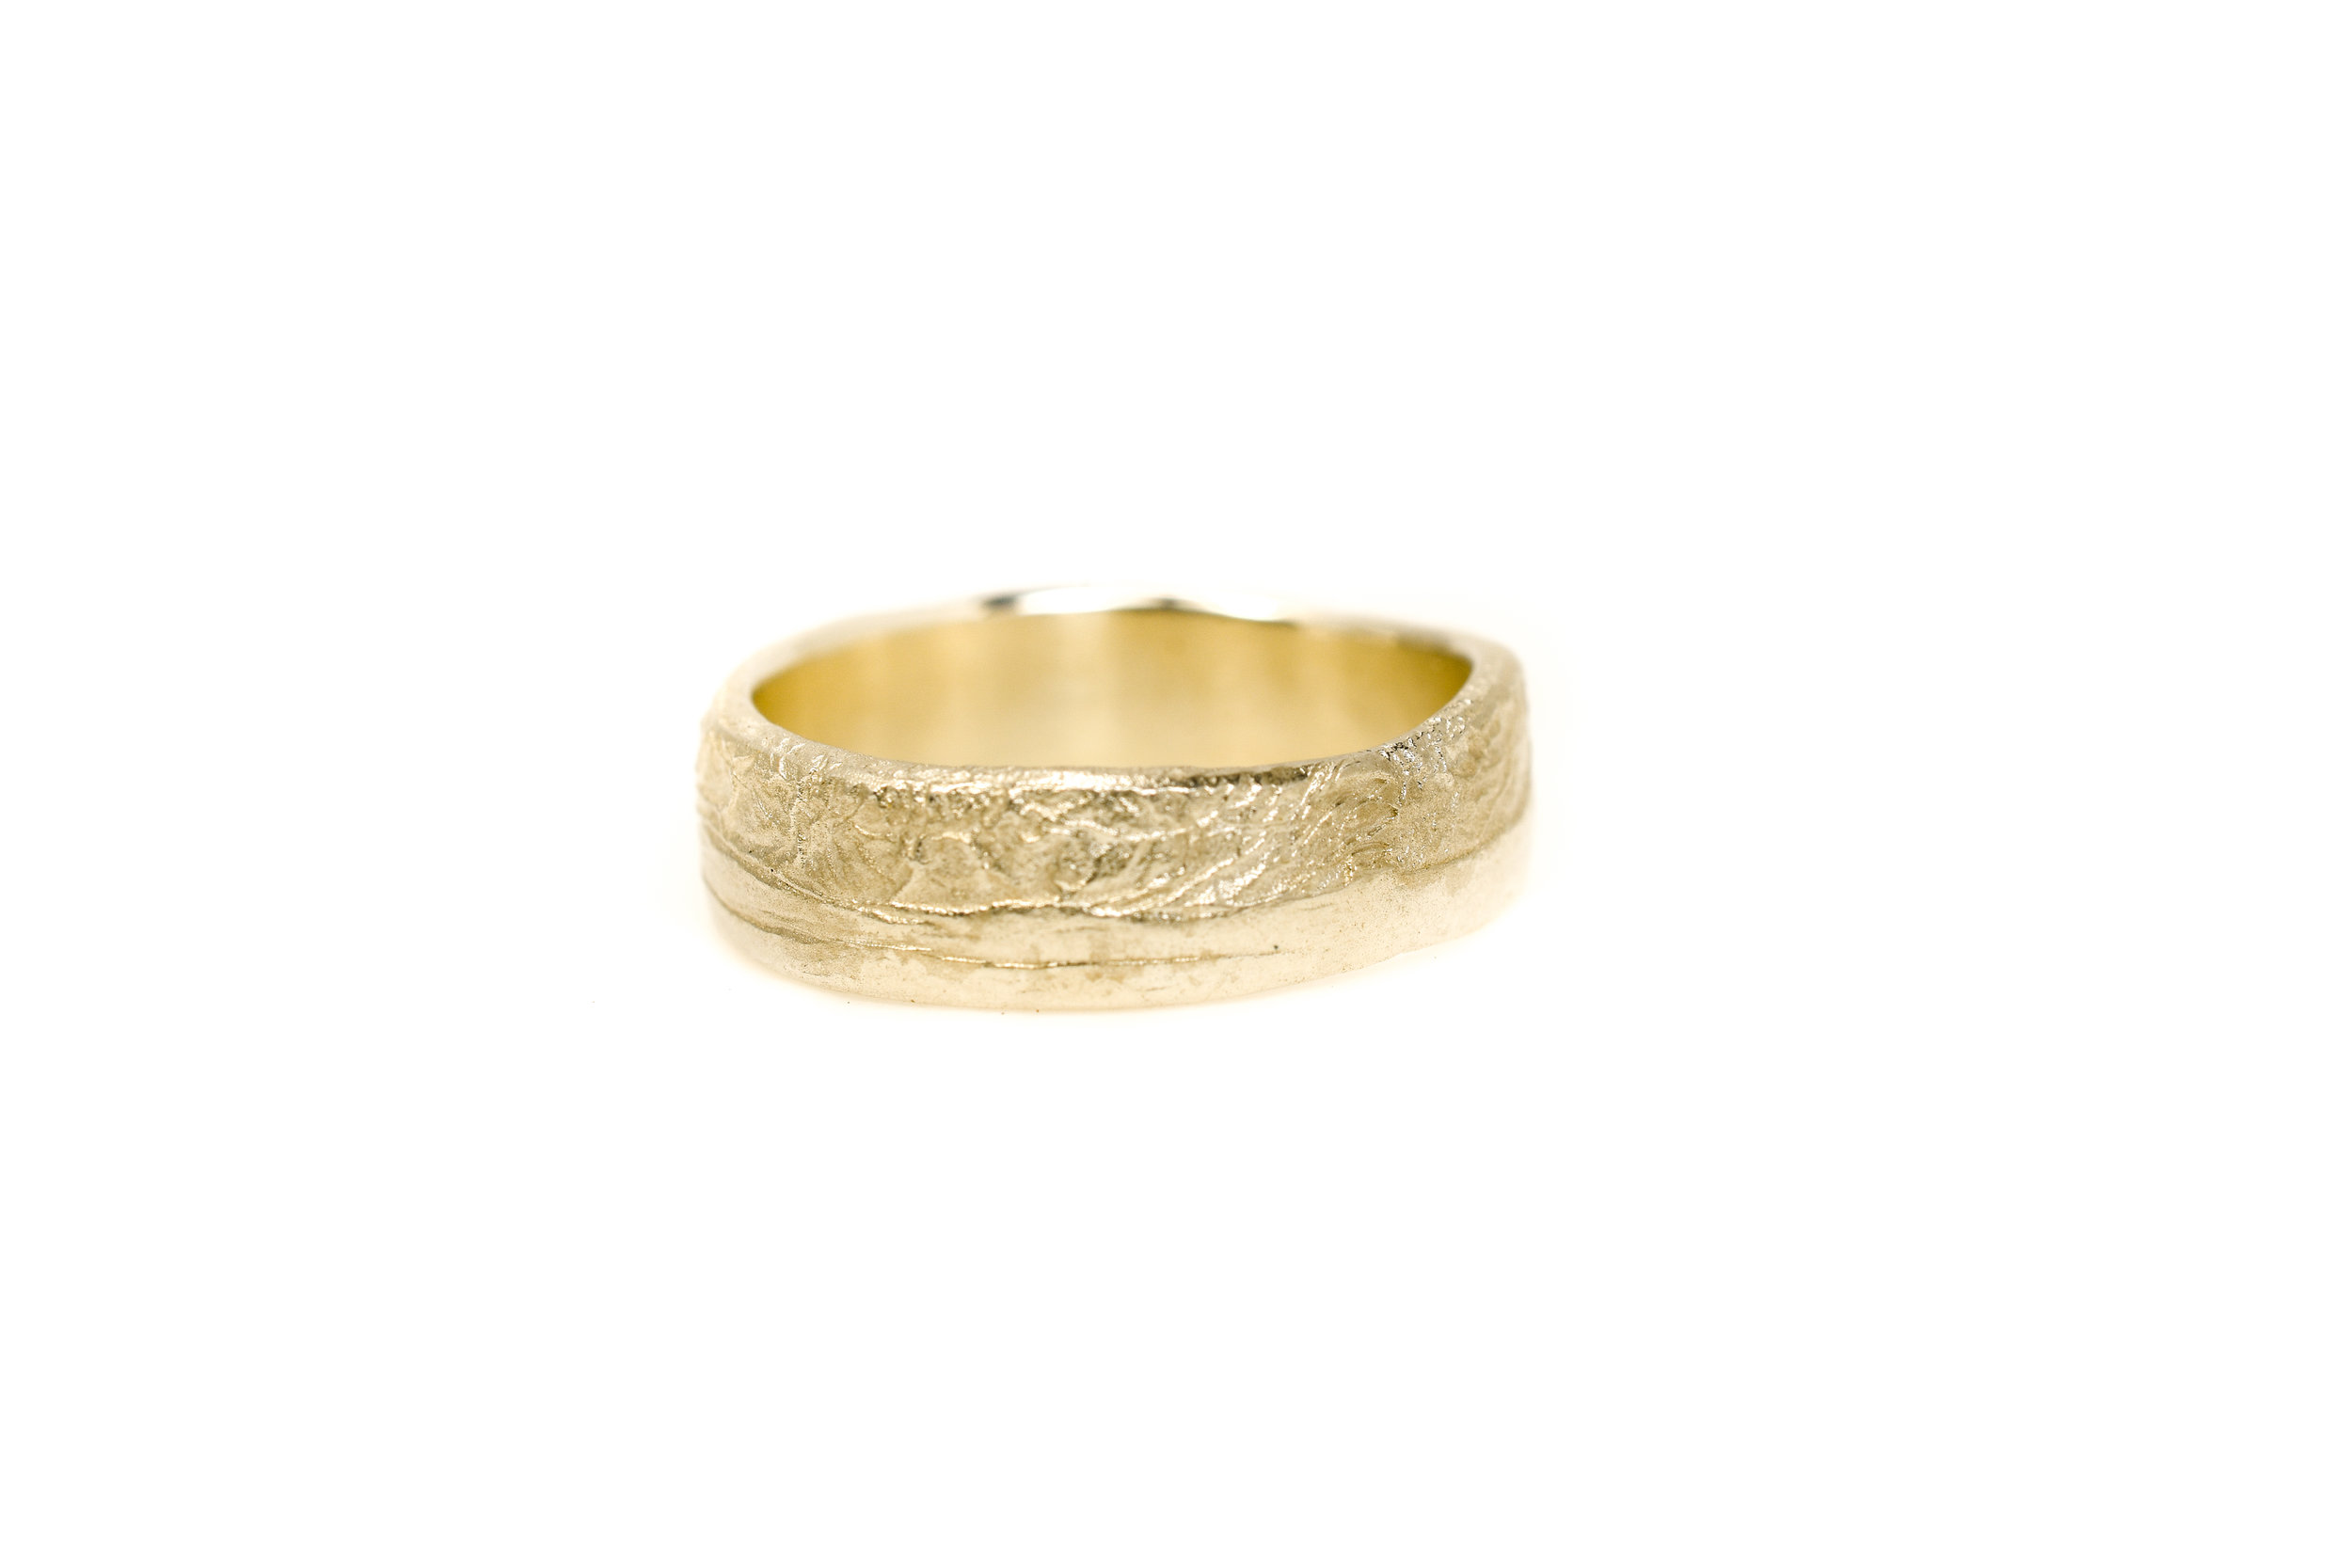 liesbethbusman-saagae-trouwringen-weddingrings--14 geel goud (1 van 1).jpg